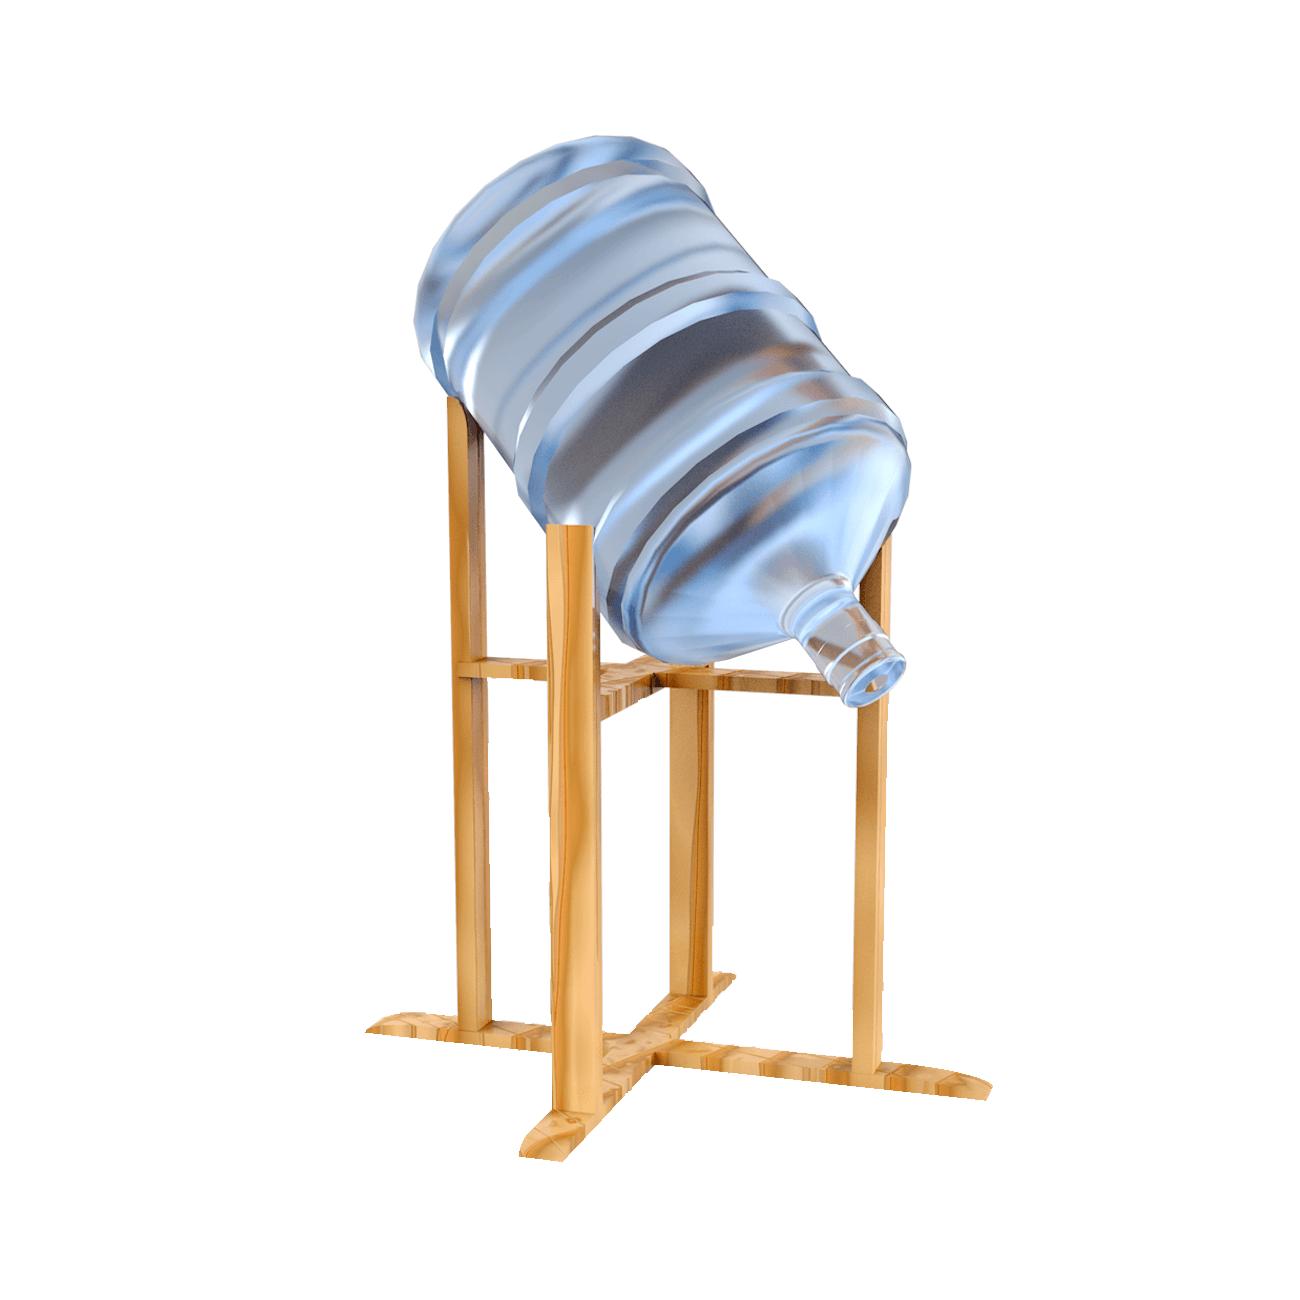 Подставки и полки - {:ru}Наклонная подставка (деревянная, настольная){:}{:uk}Похила підставка (дерев'яна, настільна){:}